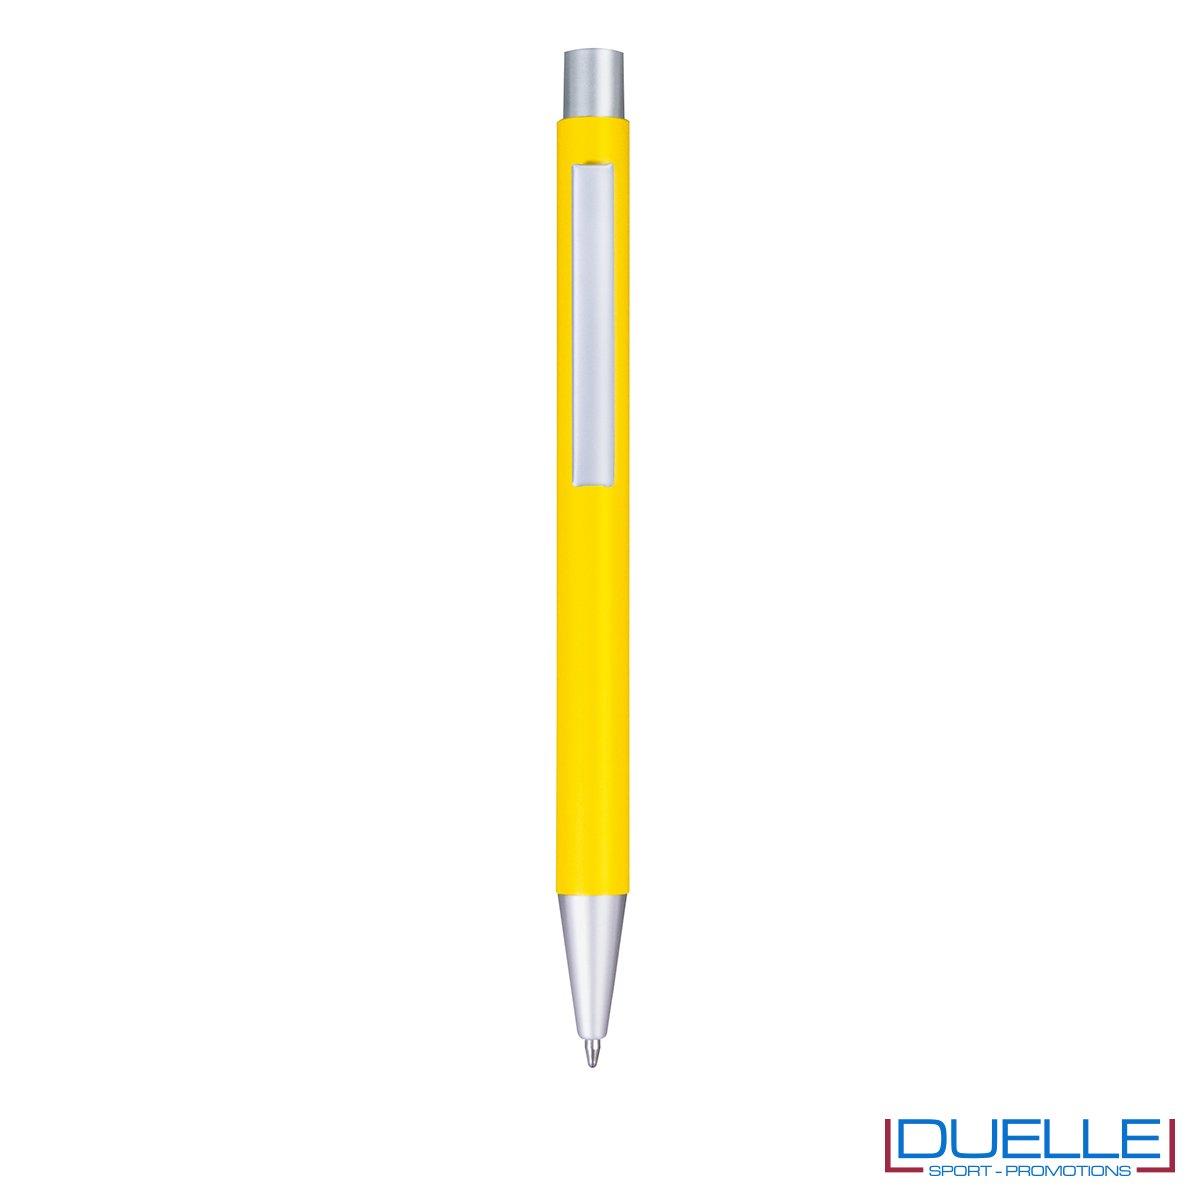 Penna in metallo personalizzata con incisione laser colore giallo